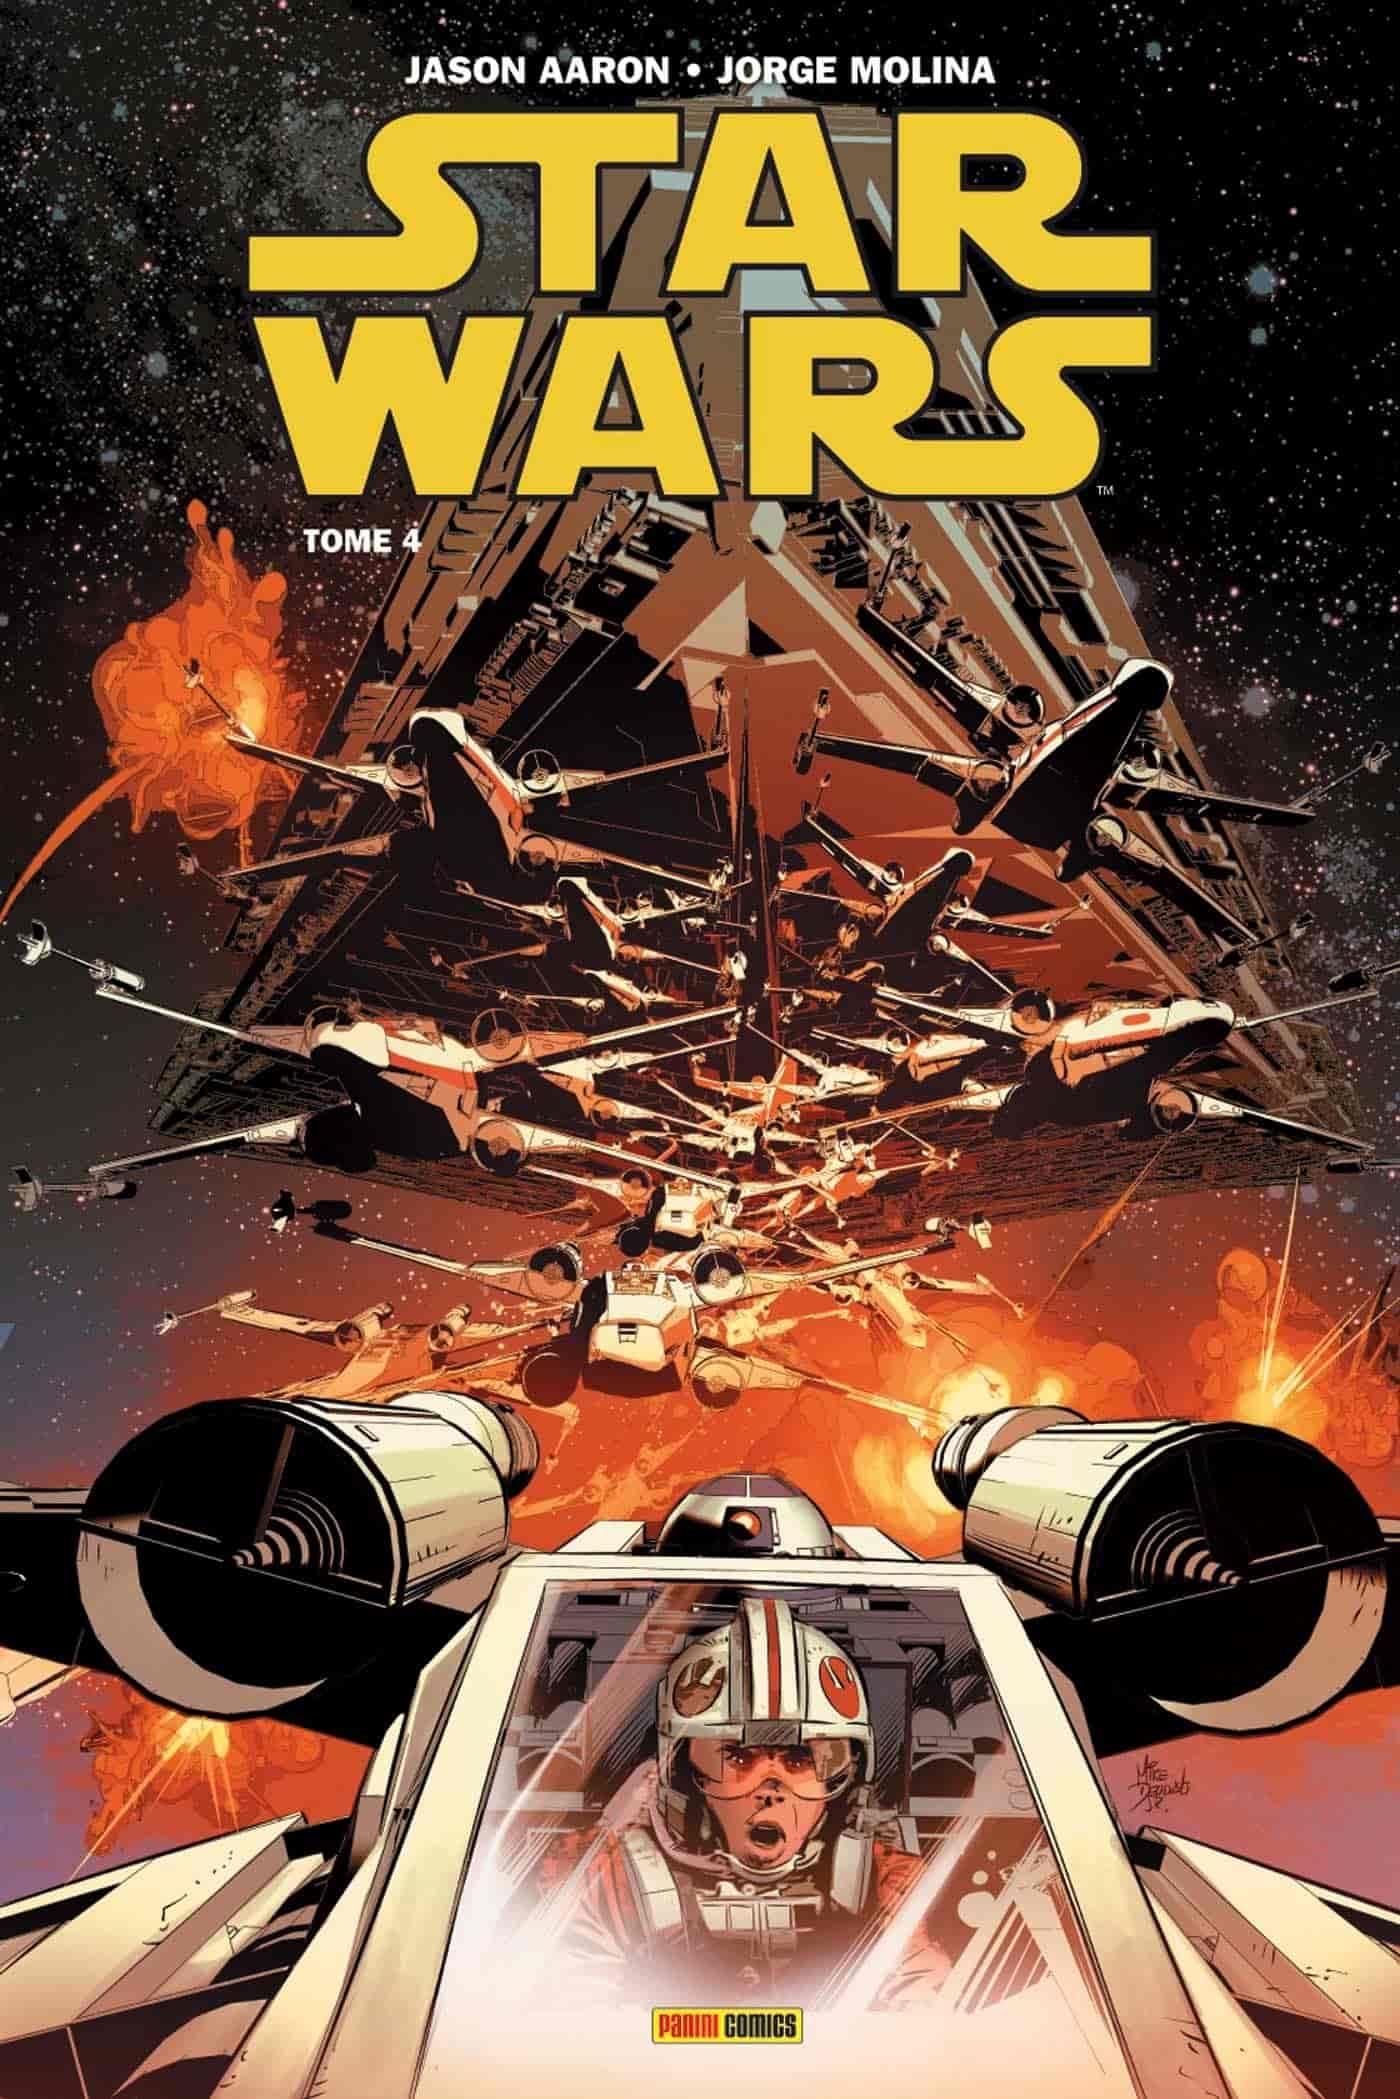 star wars histoire entre les films